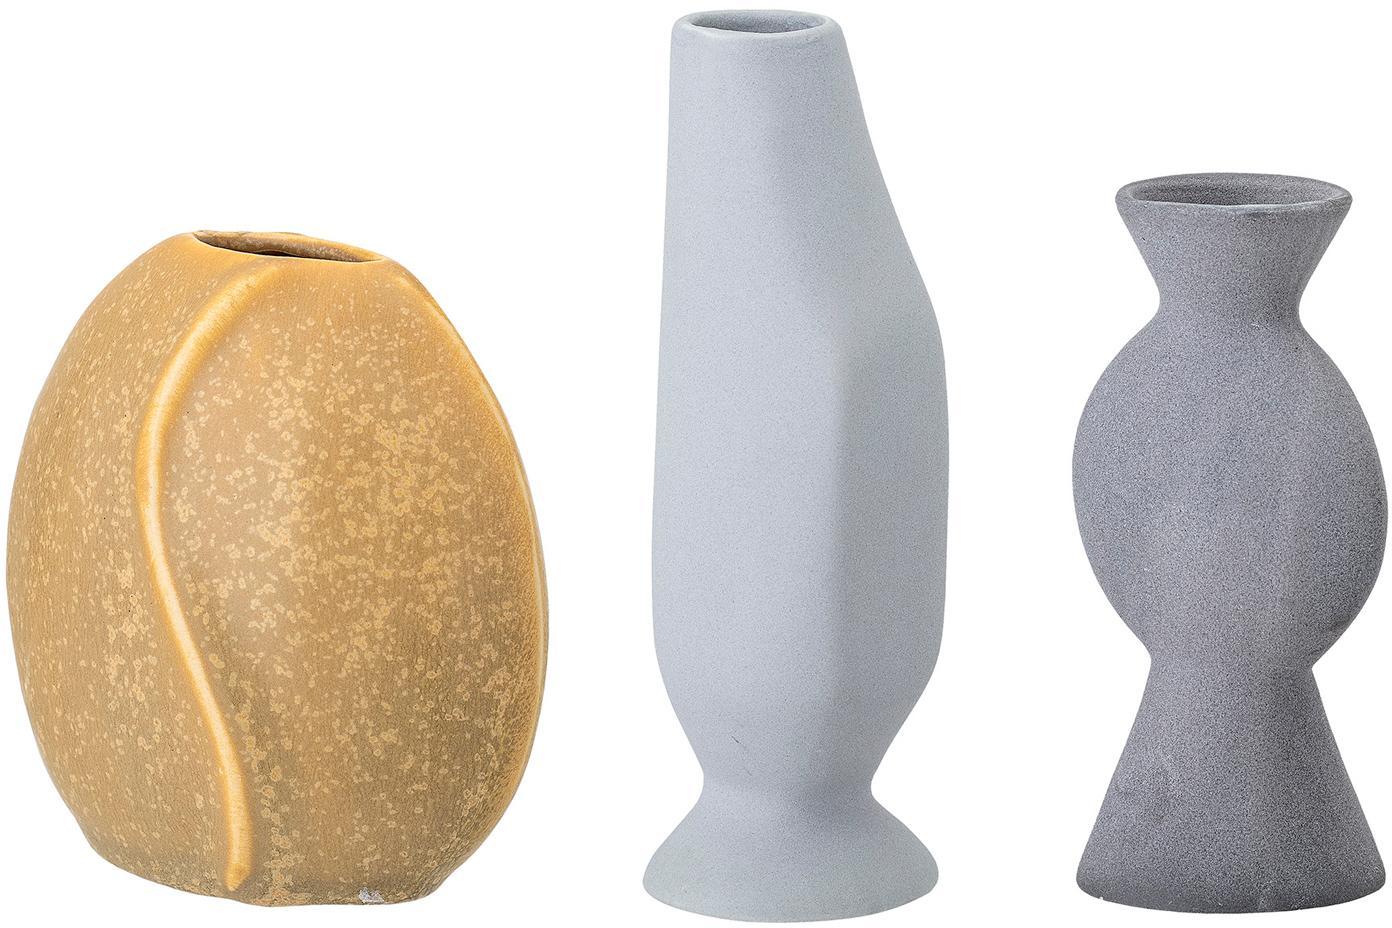 Set 3 vasi fatto a mano Lubava, Terracotta, Giallo, grigio chiaro, grigio, Set in varie misure